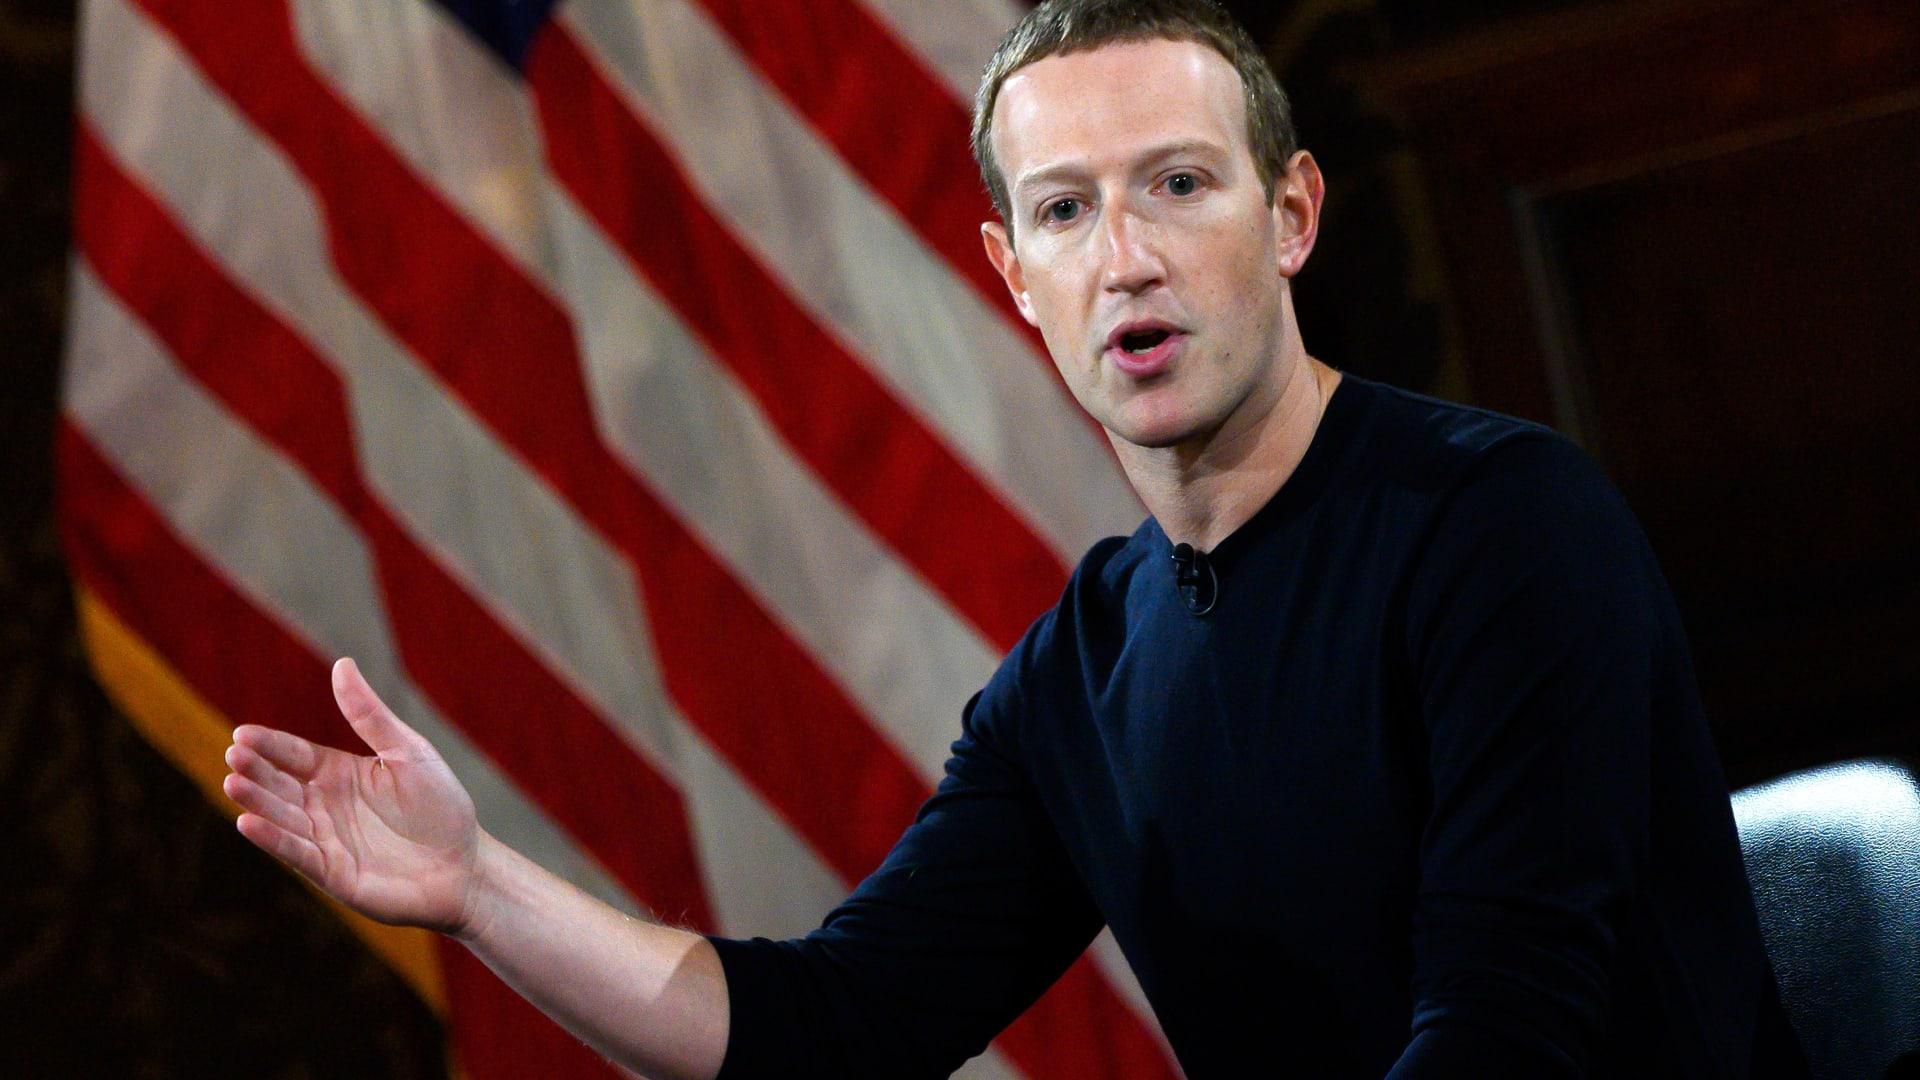 مارك زوكربيرغ: عملة فيسبوك الرقمية لا تهدف لمنافسة الدولار